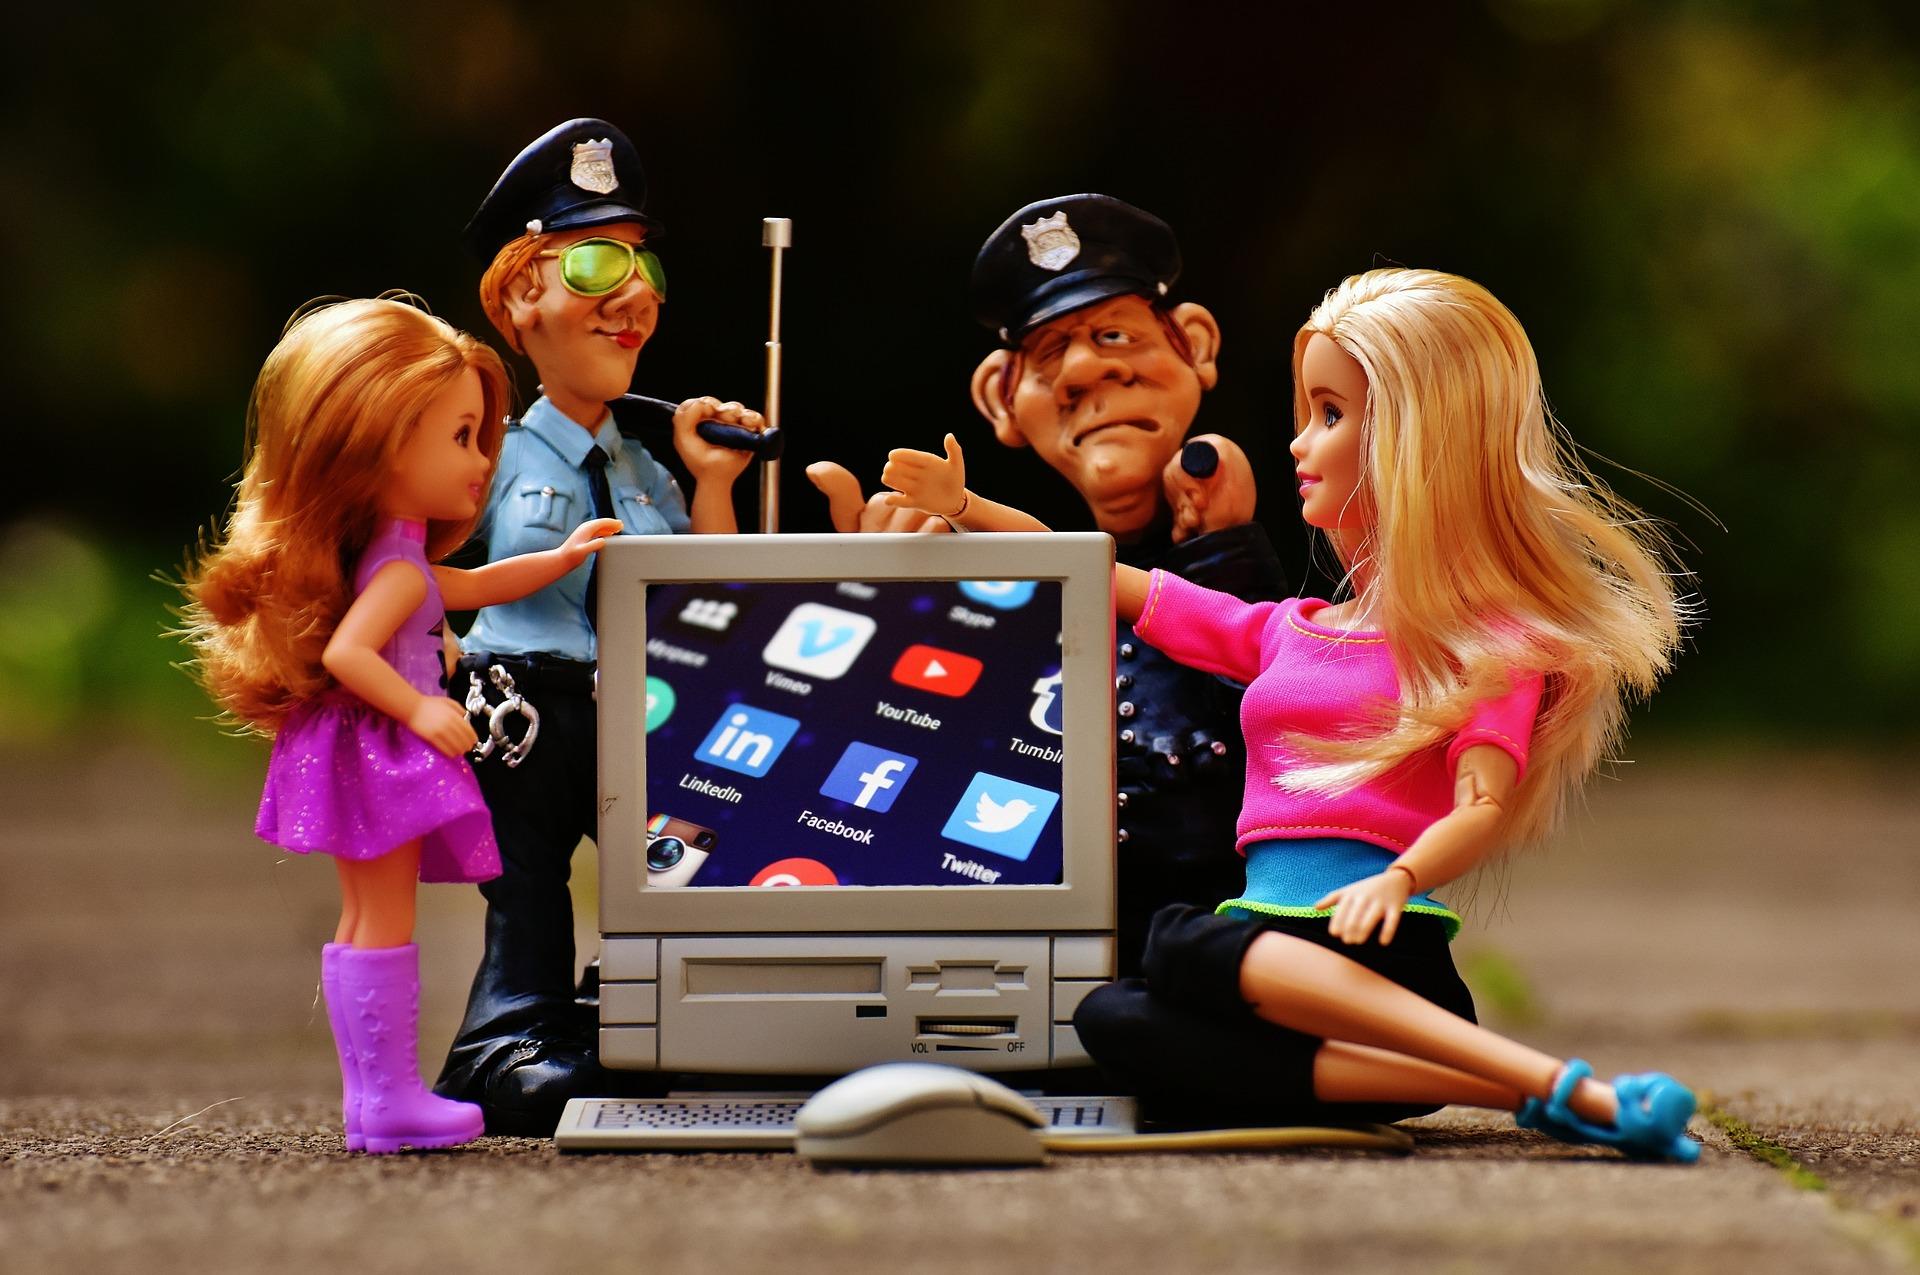 La excesiva exposición a la tecnología amenaza la infancia del siglo XXI